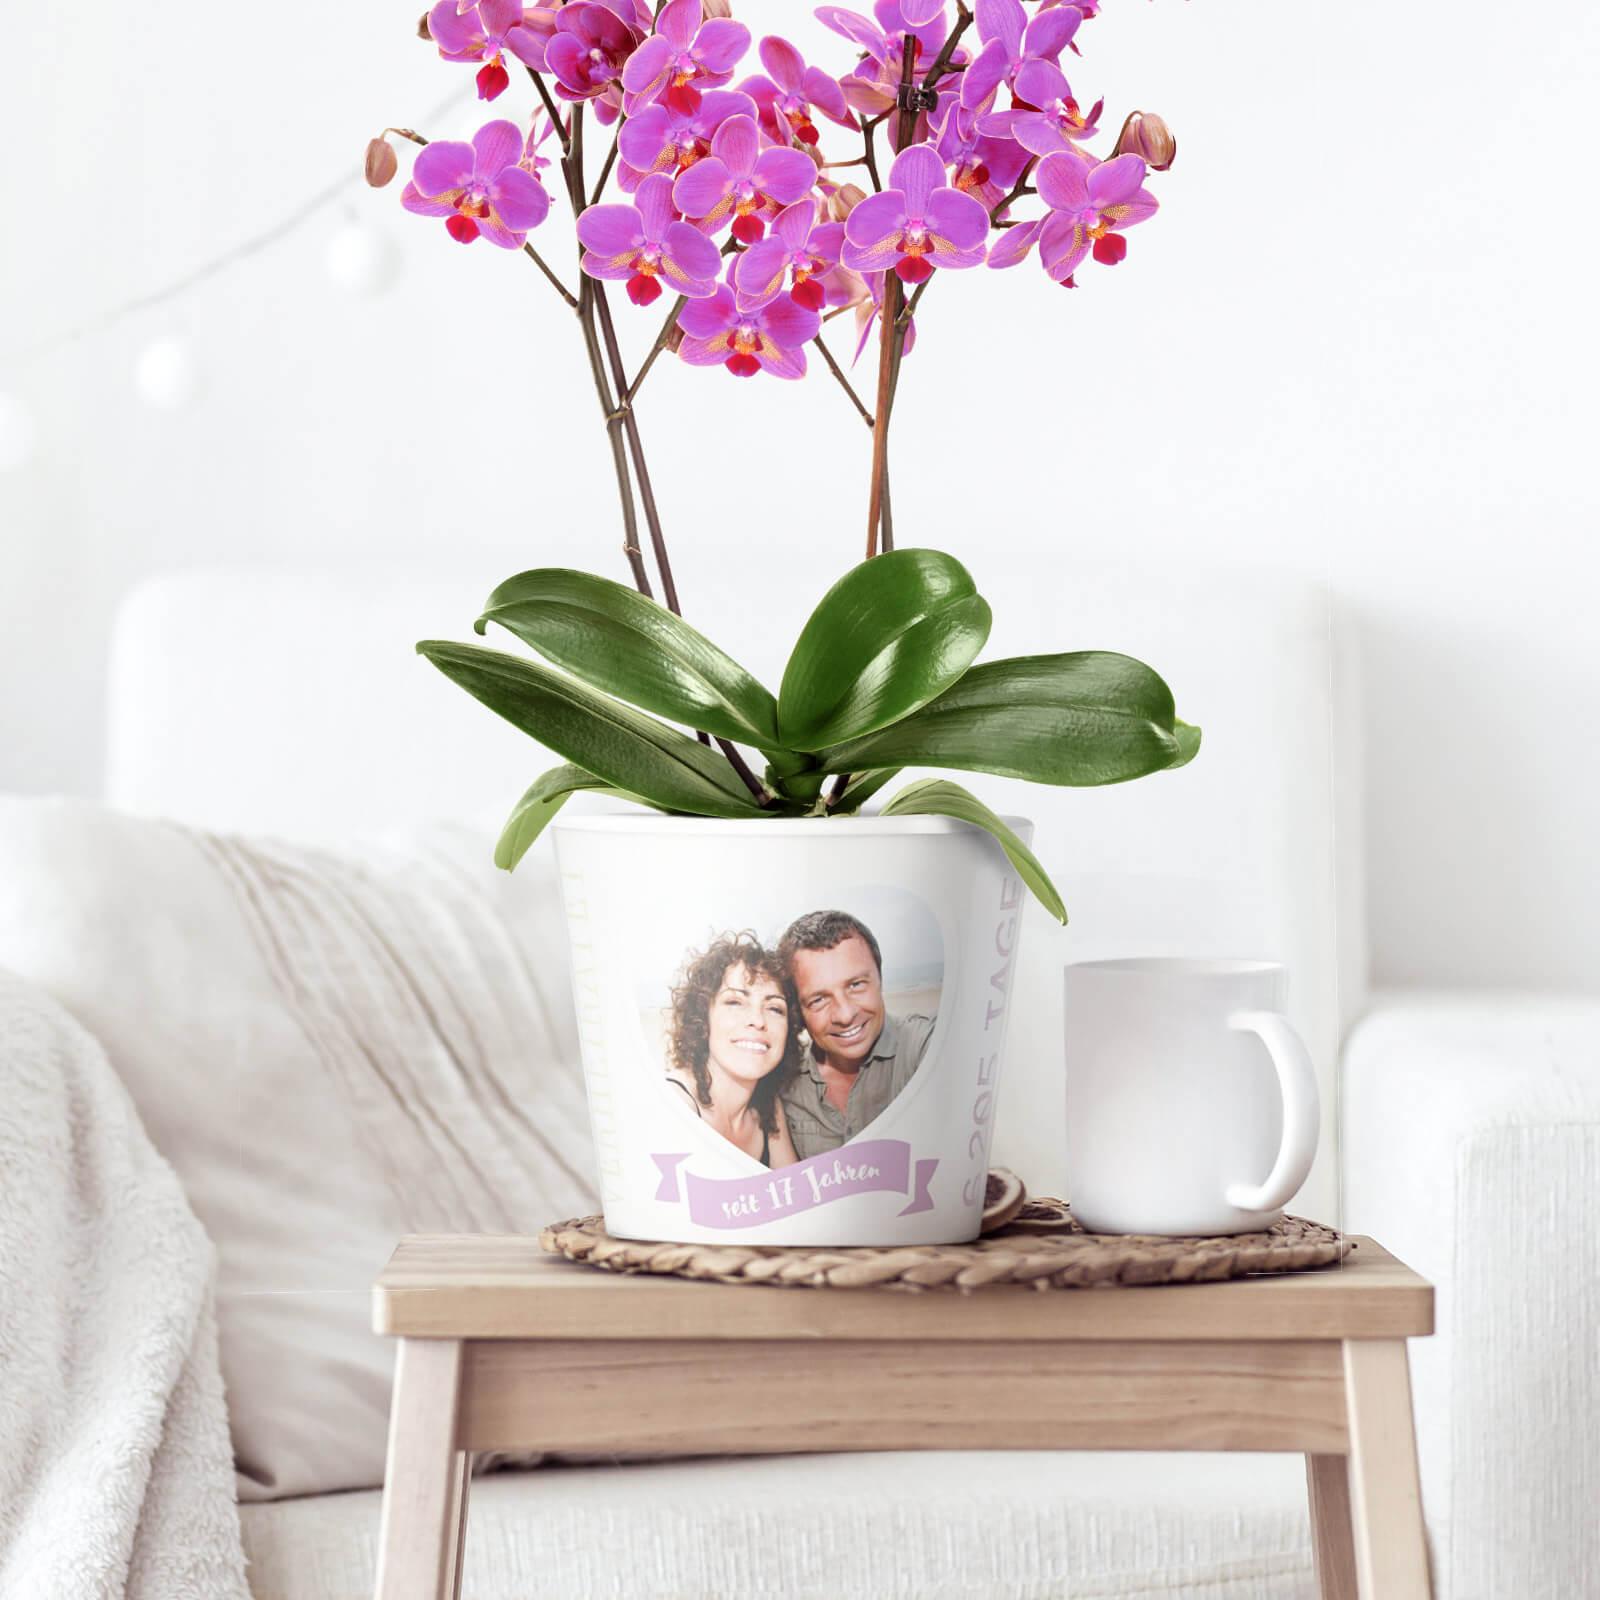 Dekoration für die Orchideenhochzeit 17 Jahre